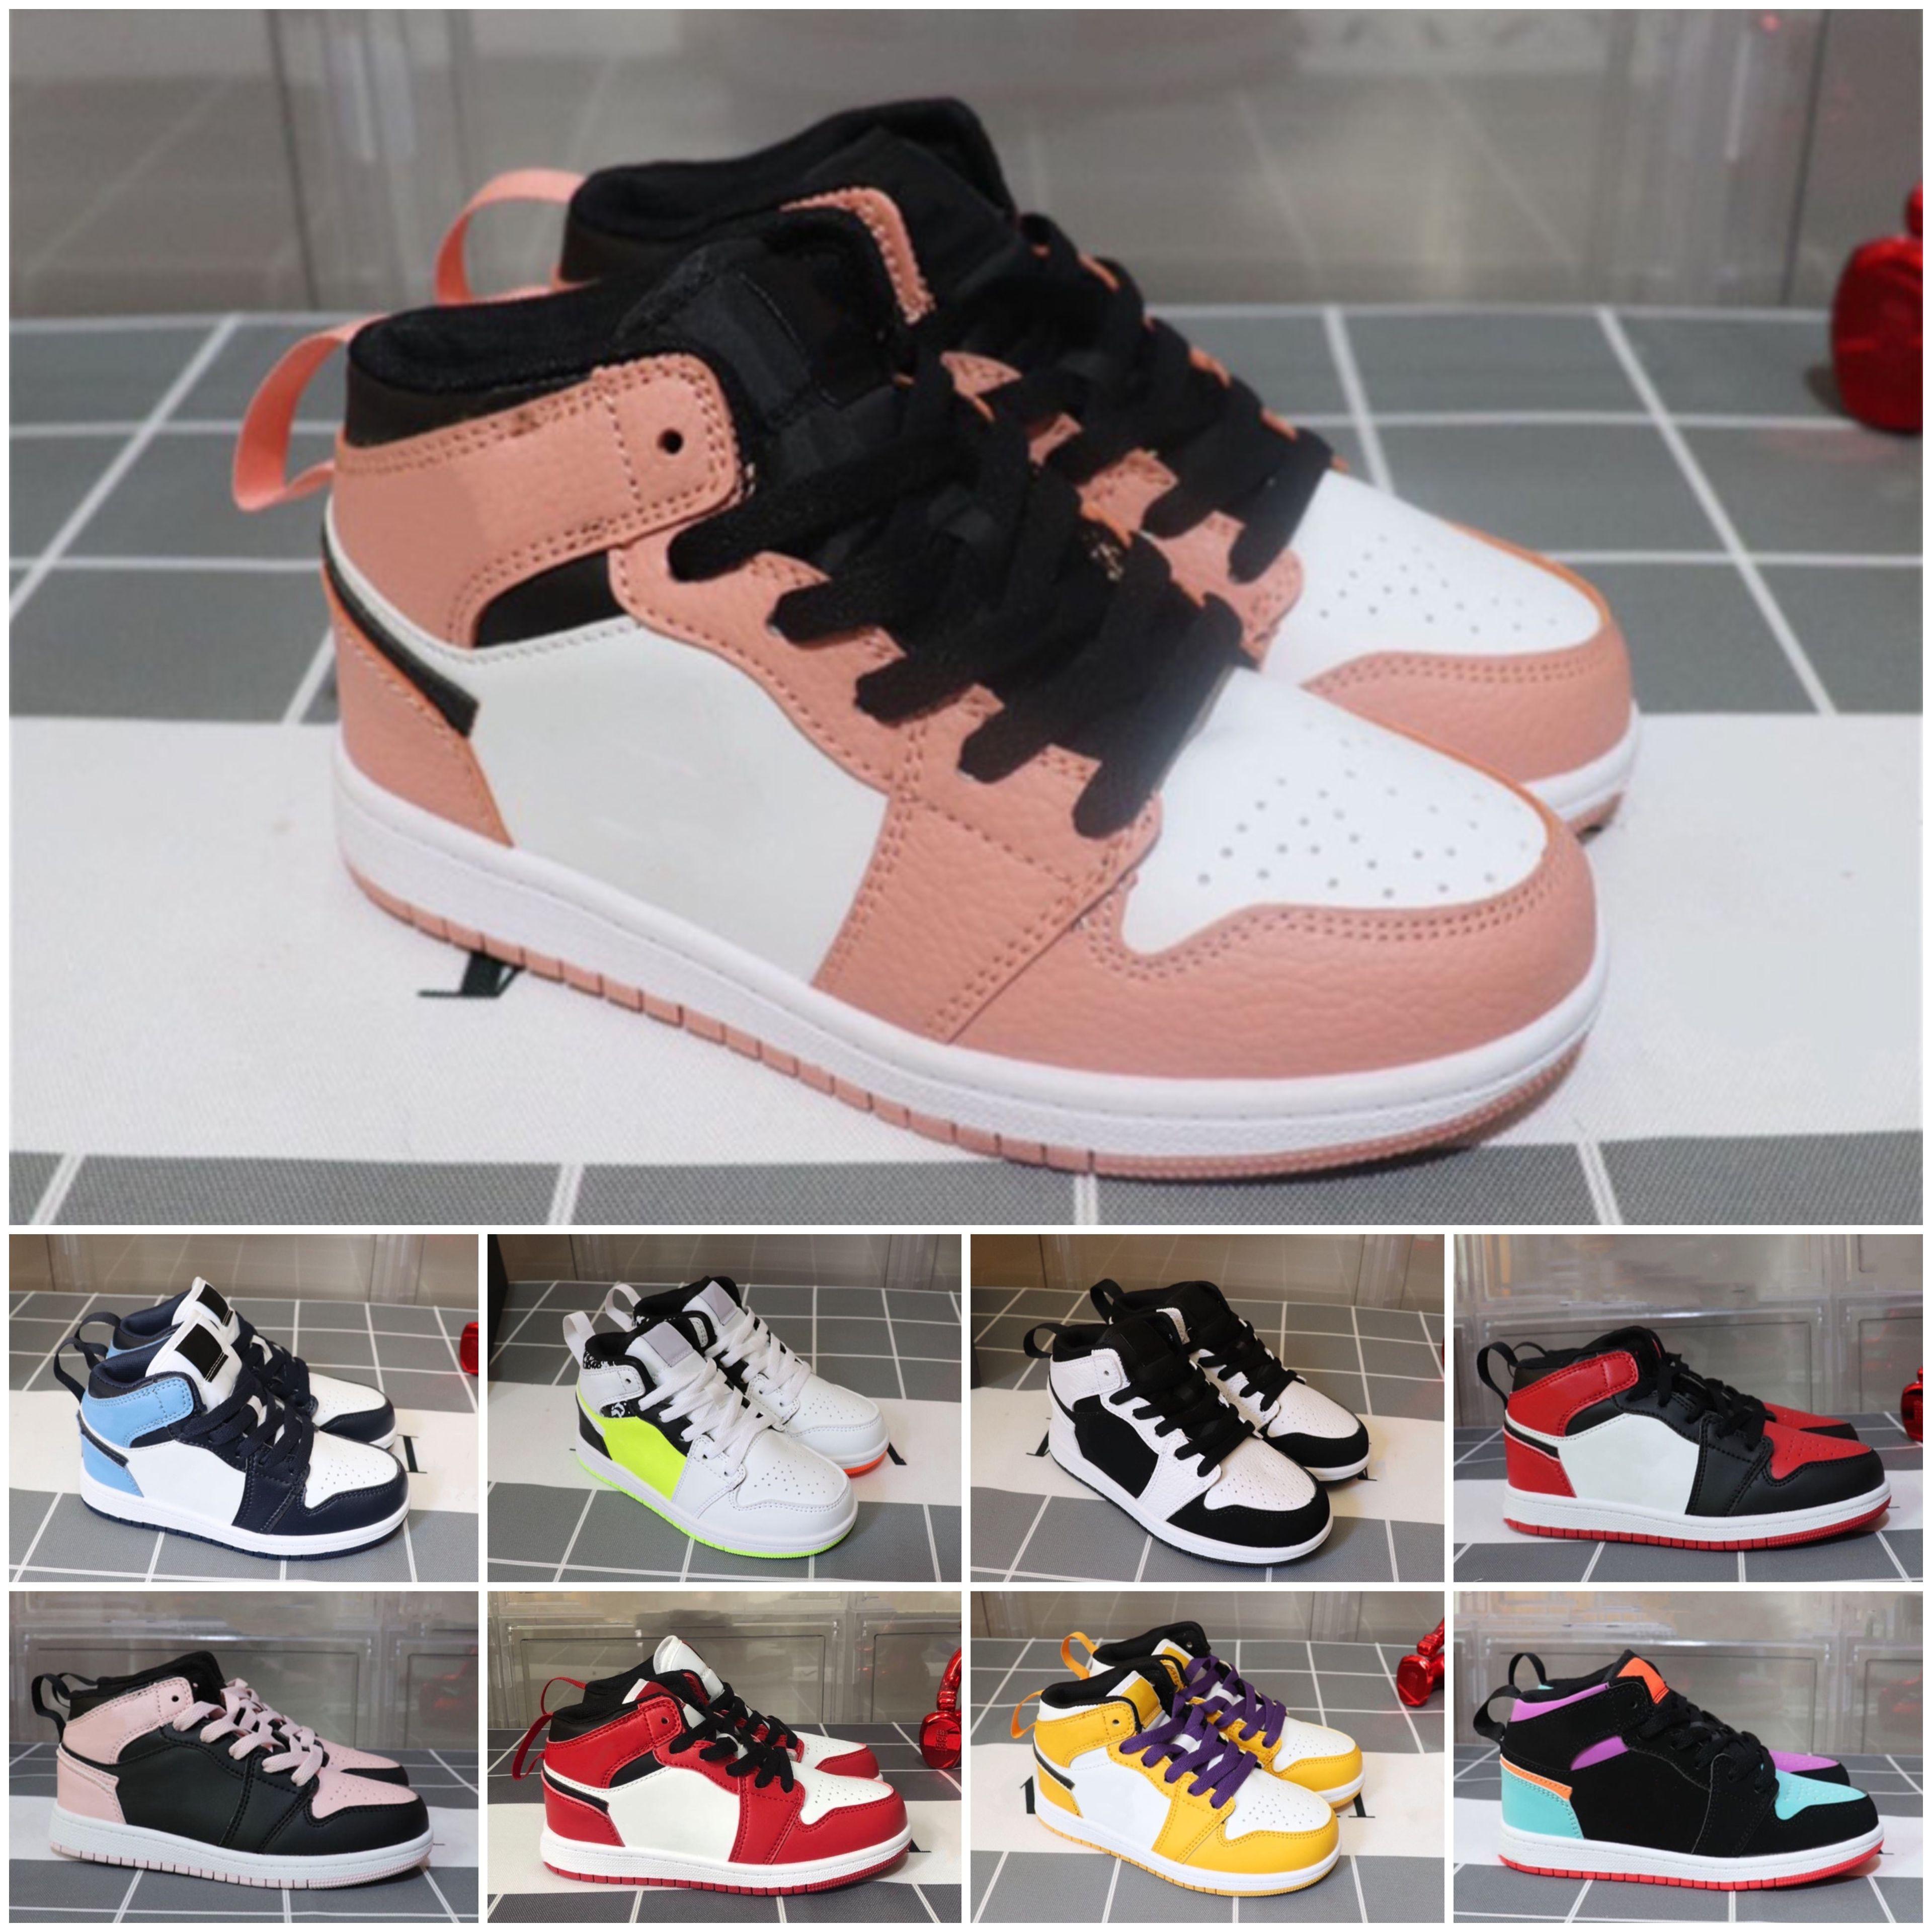 Acheter Nike Air Jordan 1 Vente En Gros De Chaussures Pour Enfants ...